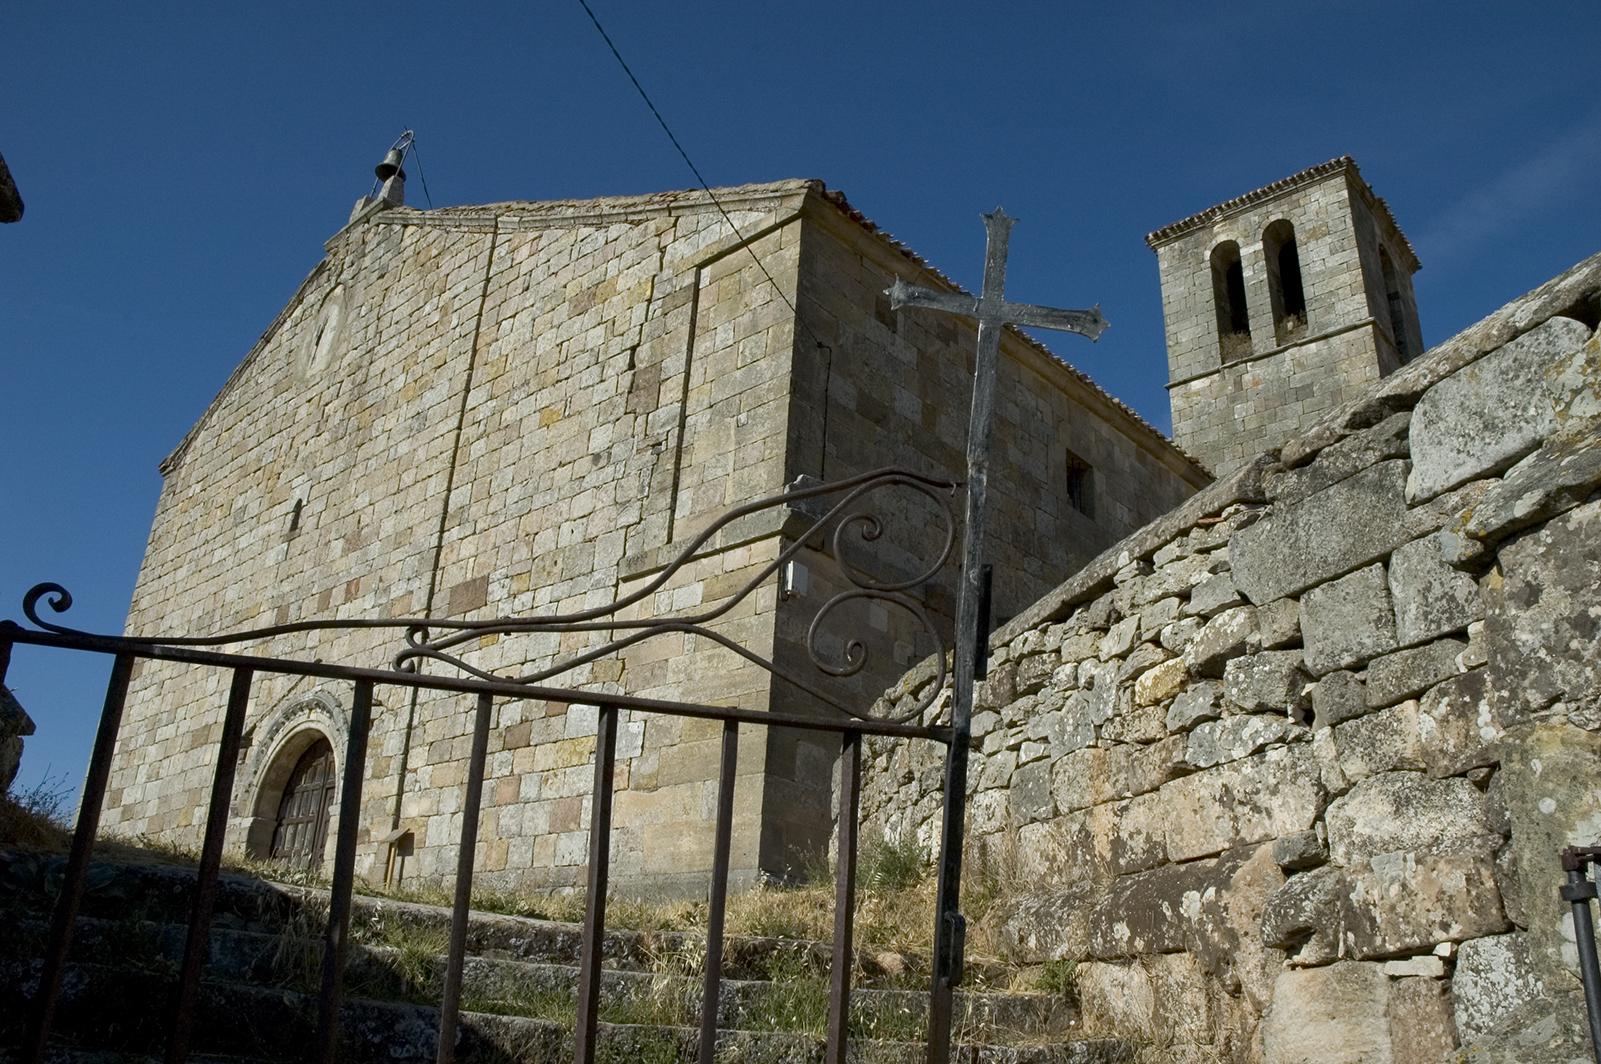 Iglesia románica de Lara de los Infantes, del siglo XII. Tierras de Lara. Burgos. Castilla y León. España © Javier Prieto Gallego;